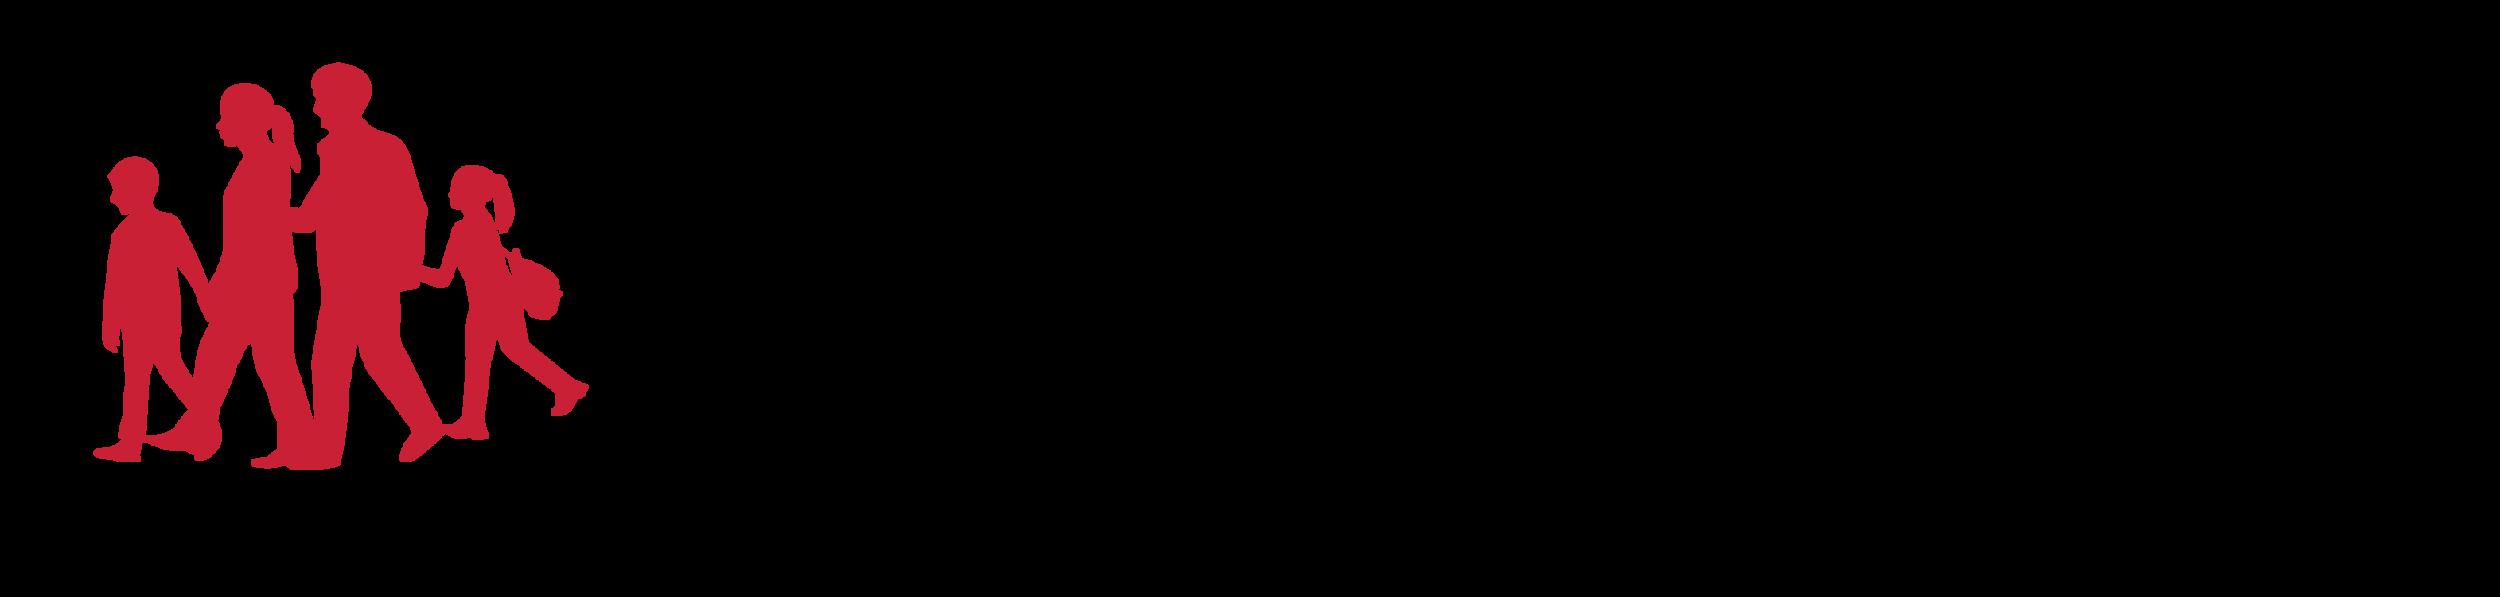 logo-footer-black.png